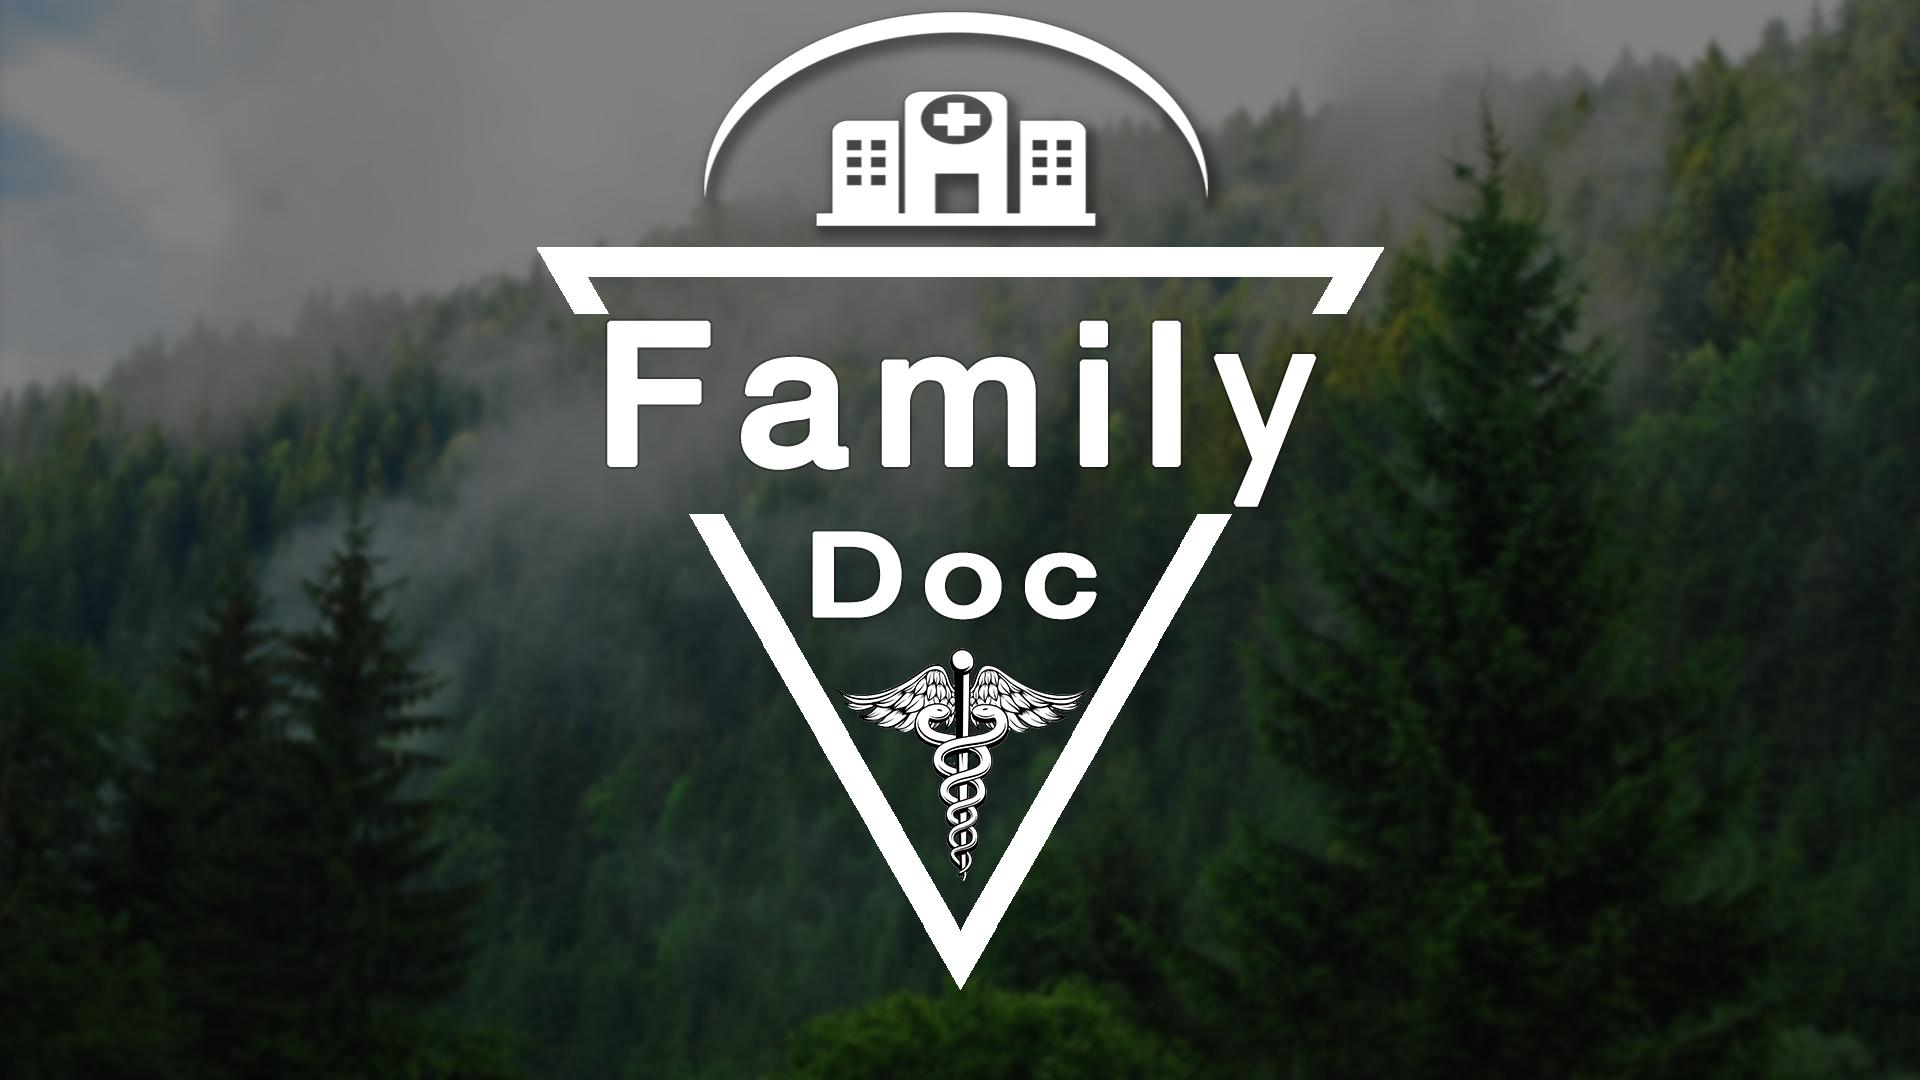 Разработка логотипа для врачебного онлайн сервиса FamilyDoc фото f_9525c3078c93c375.png